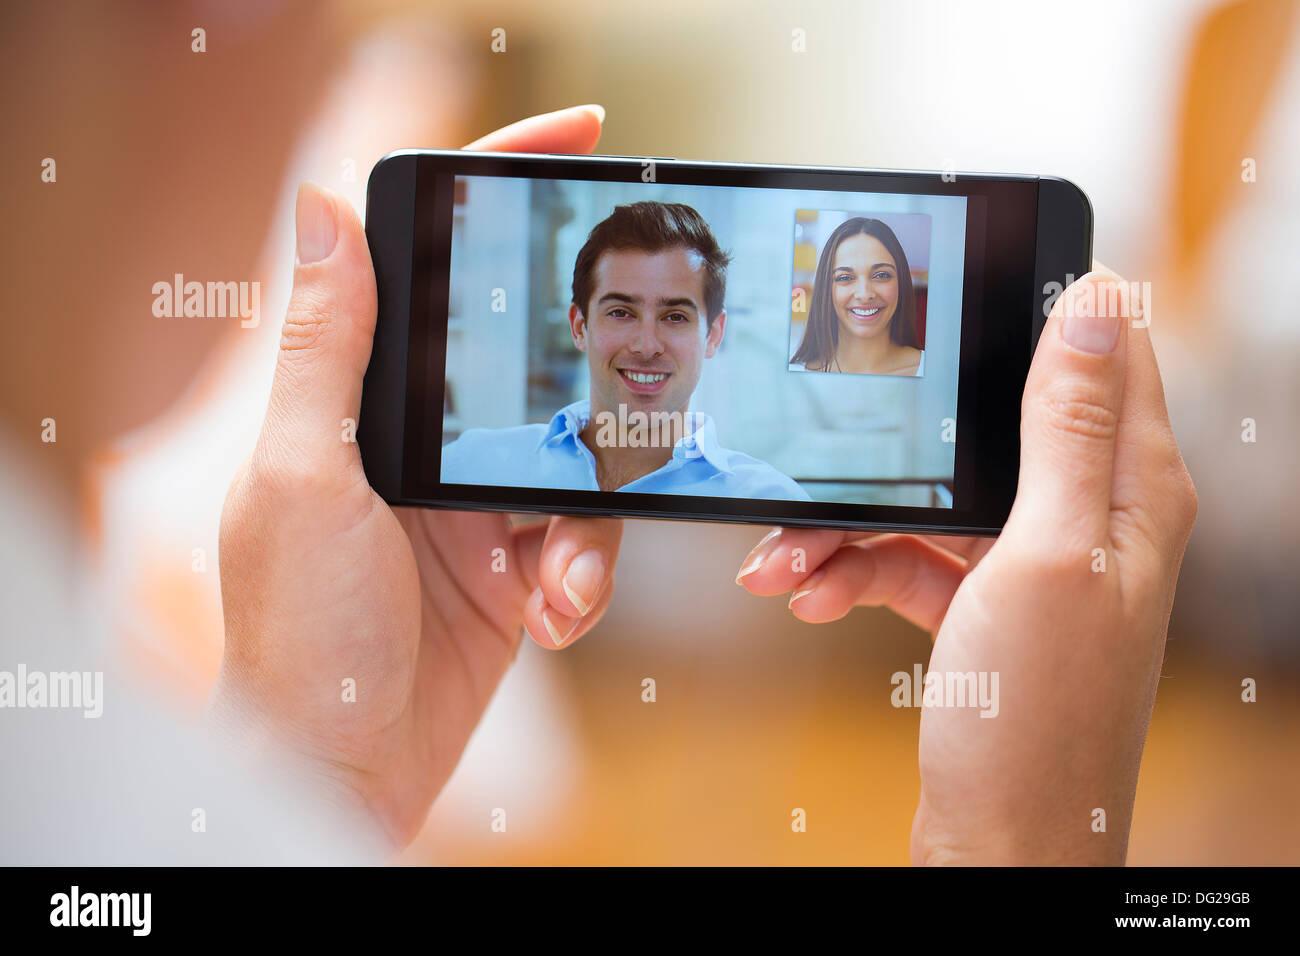 Hp Stockfotos und  bilder Kaufen   Alamy